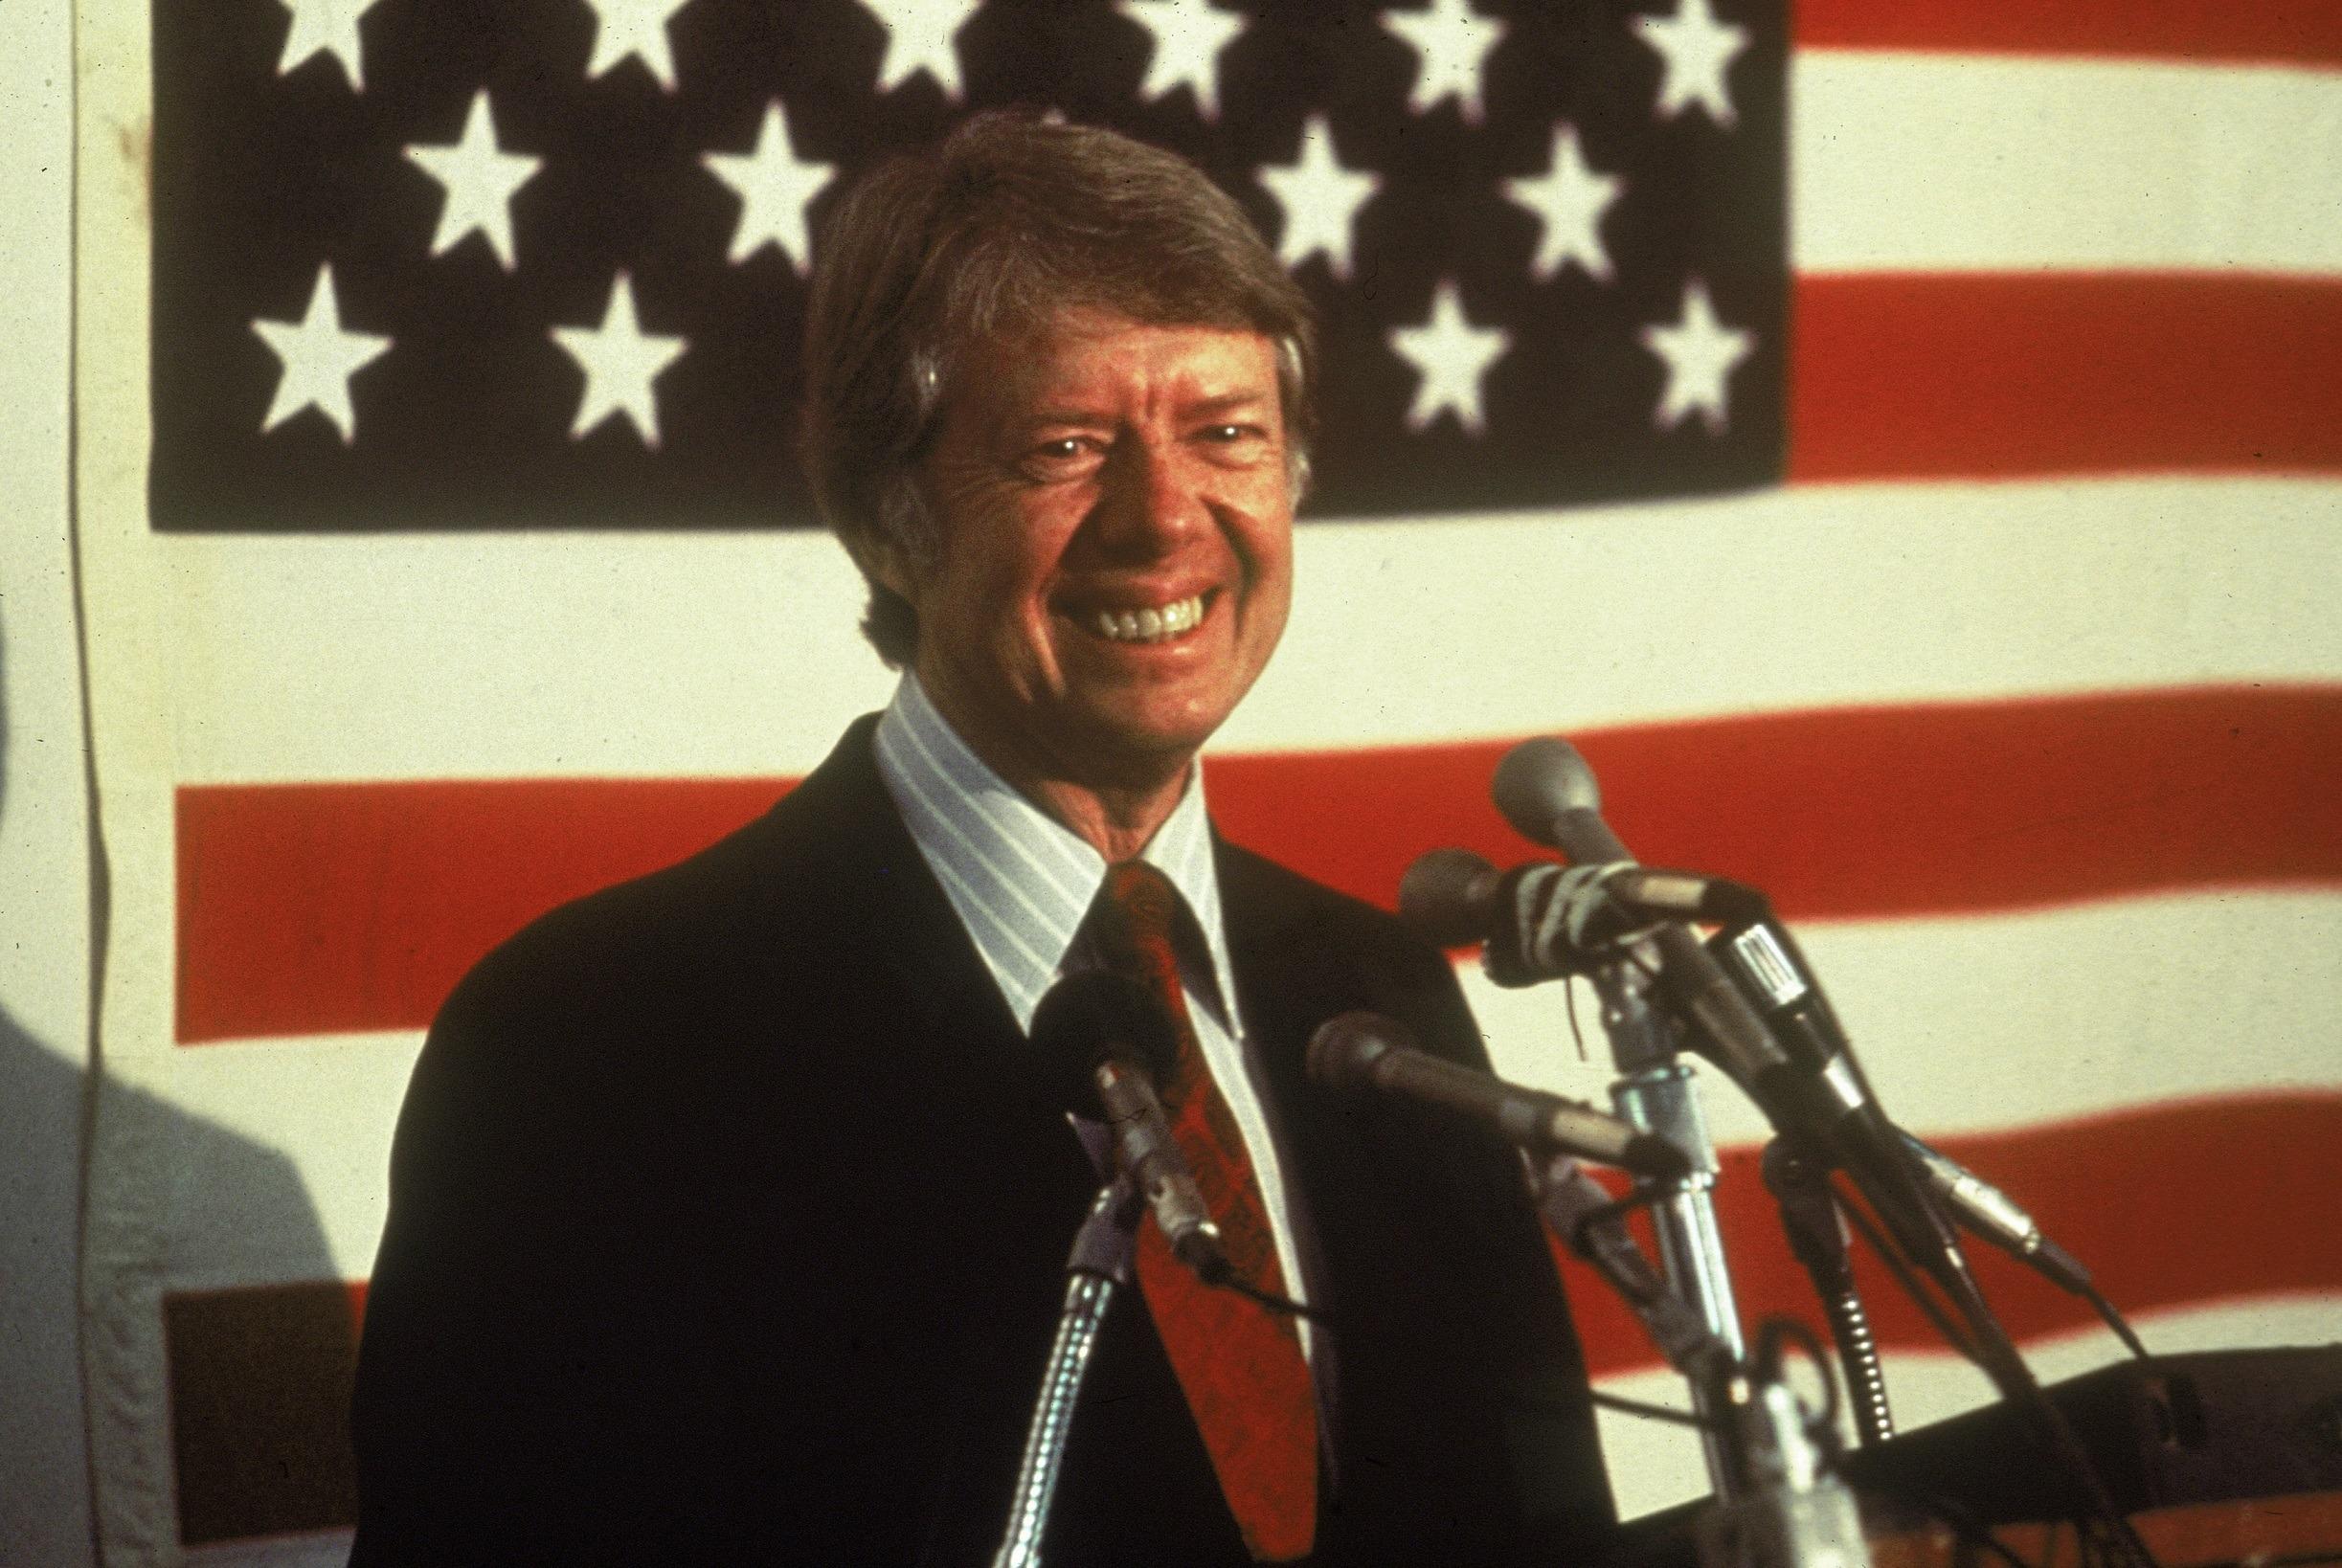 President Jimmy Carter